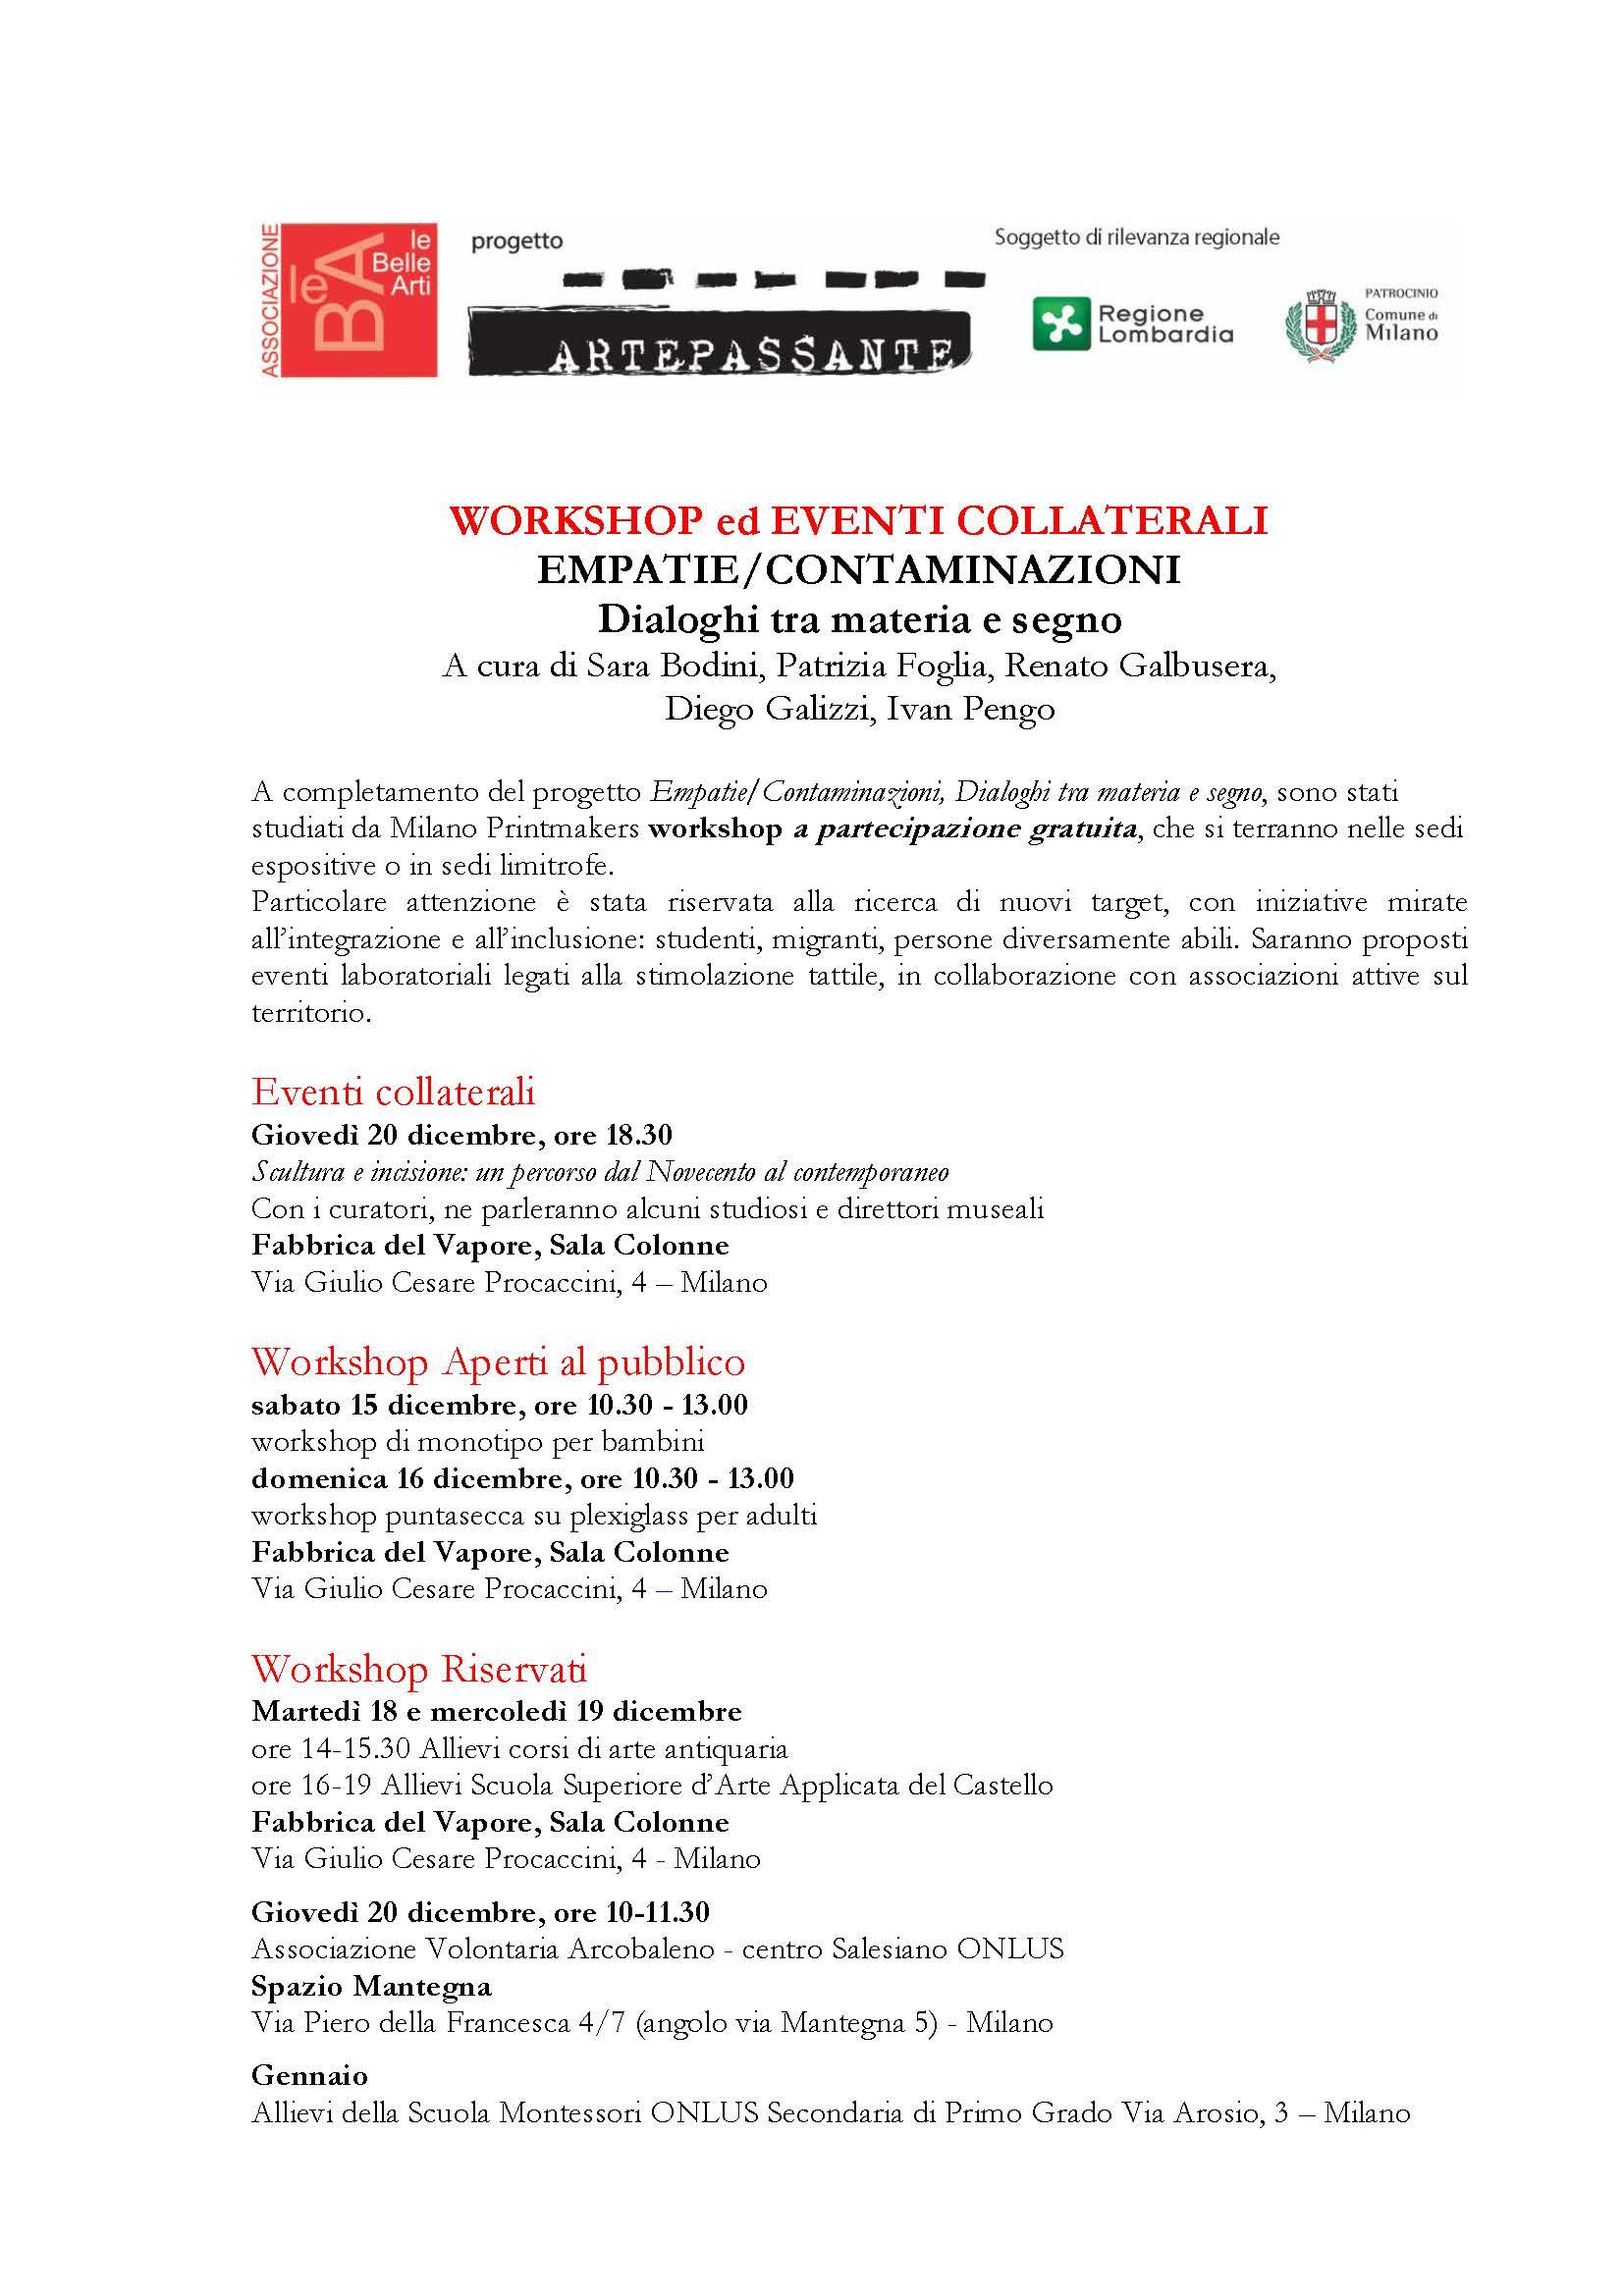 EMPATIE_WORKSHOP_EVENTI COLLATERALI_Pagina_1